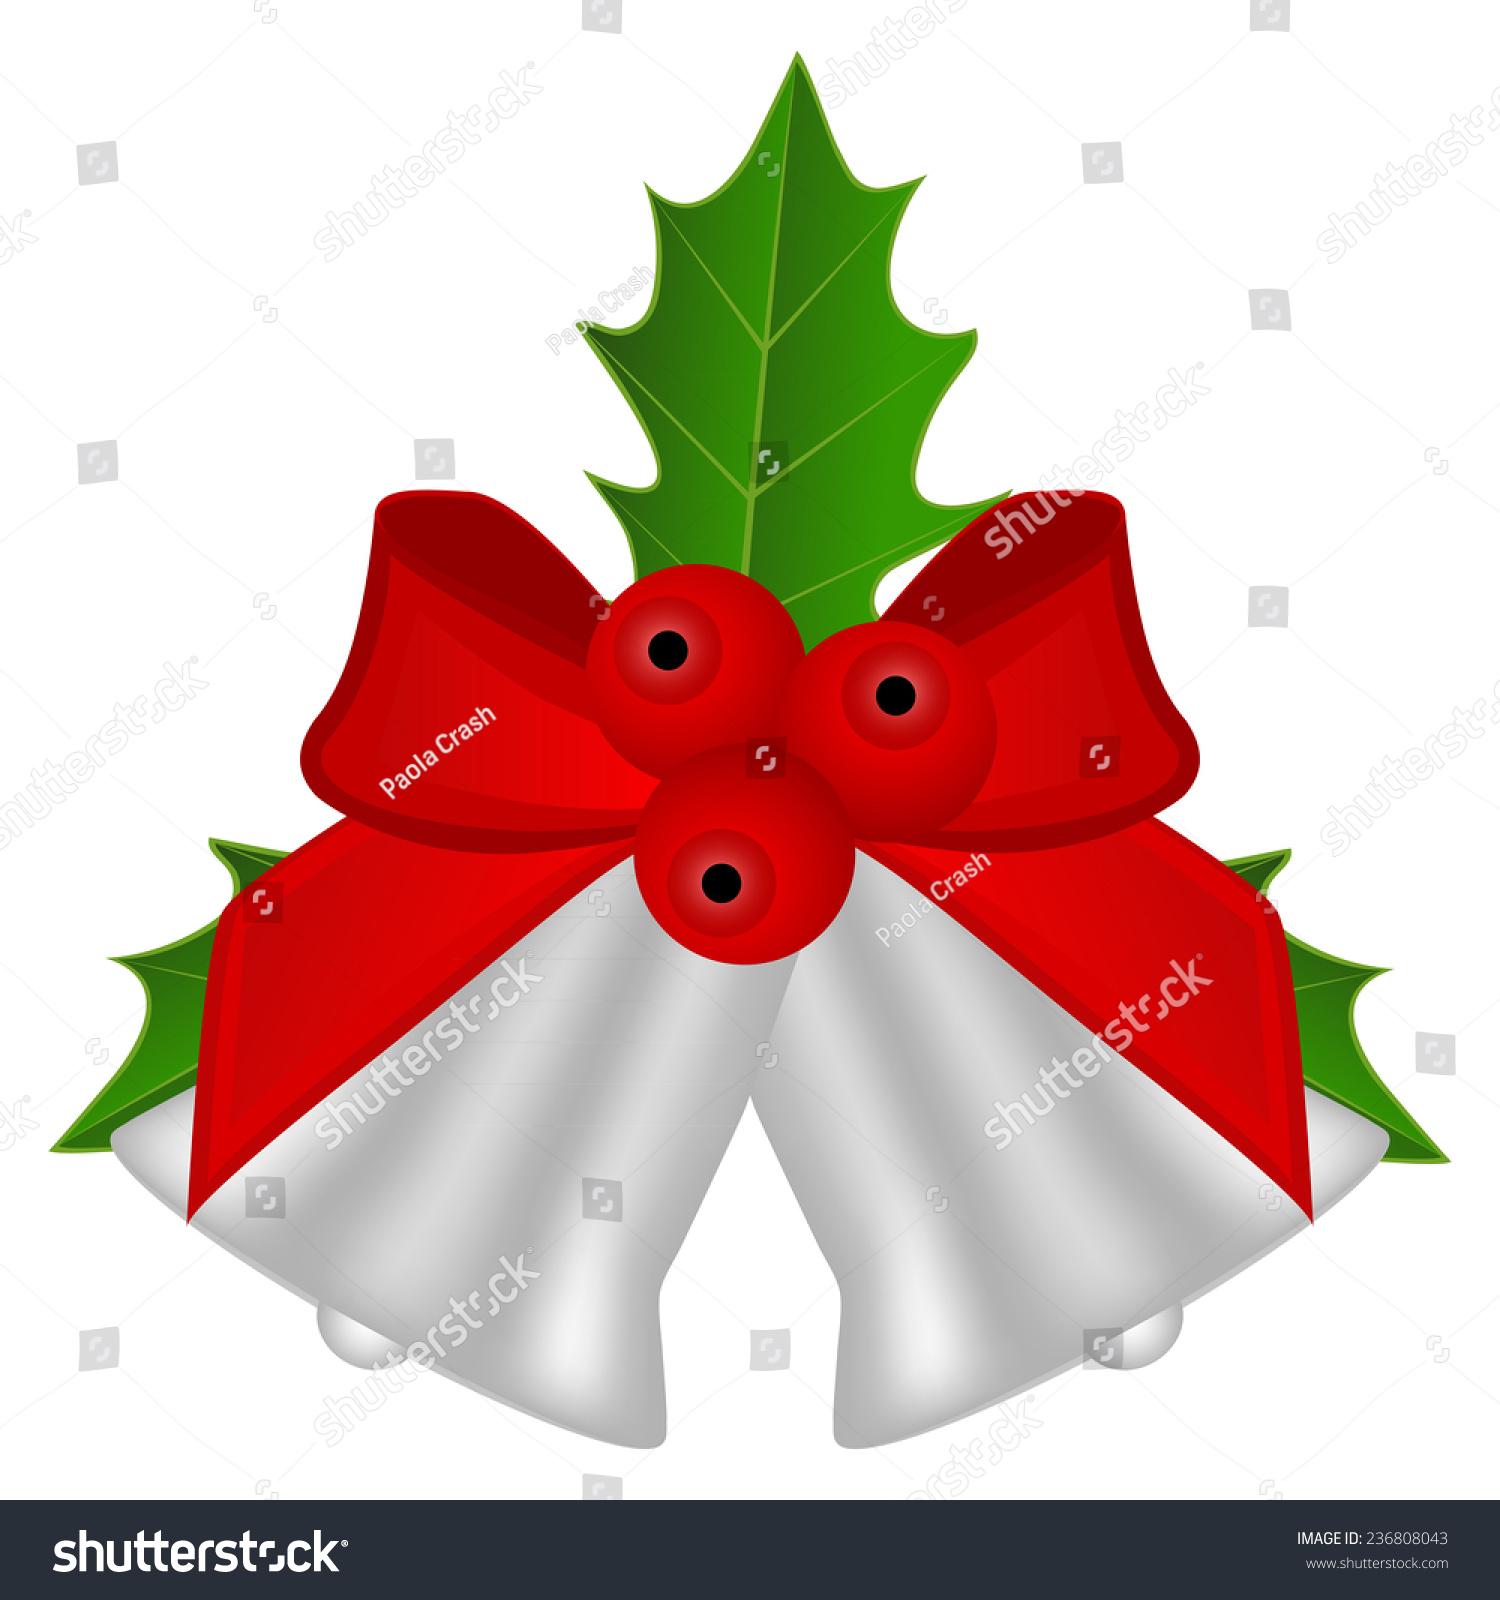 圣诞节银铃铛,红色的蝴蝶结